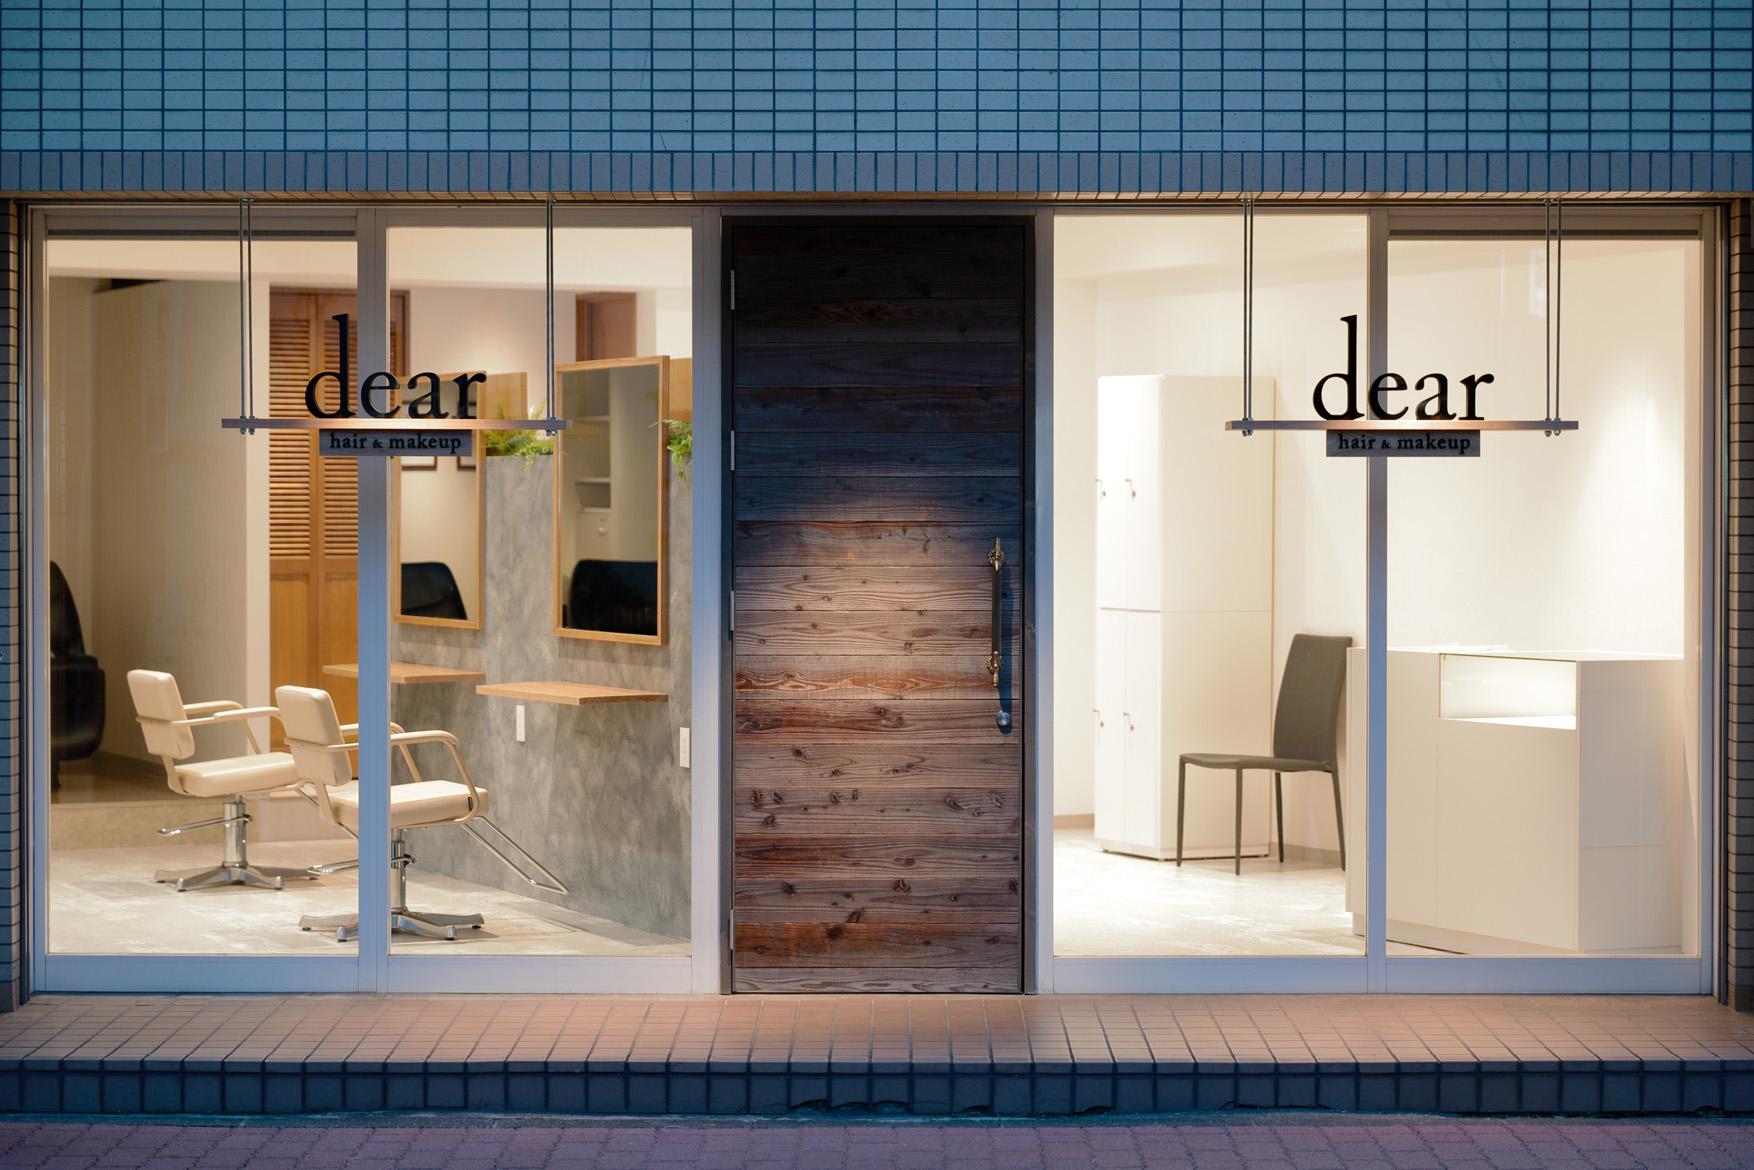 東京の美容室dear外観デザイン